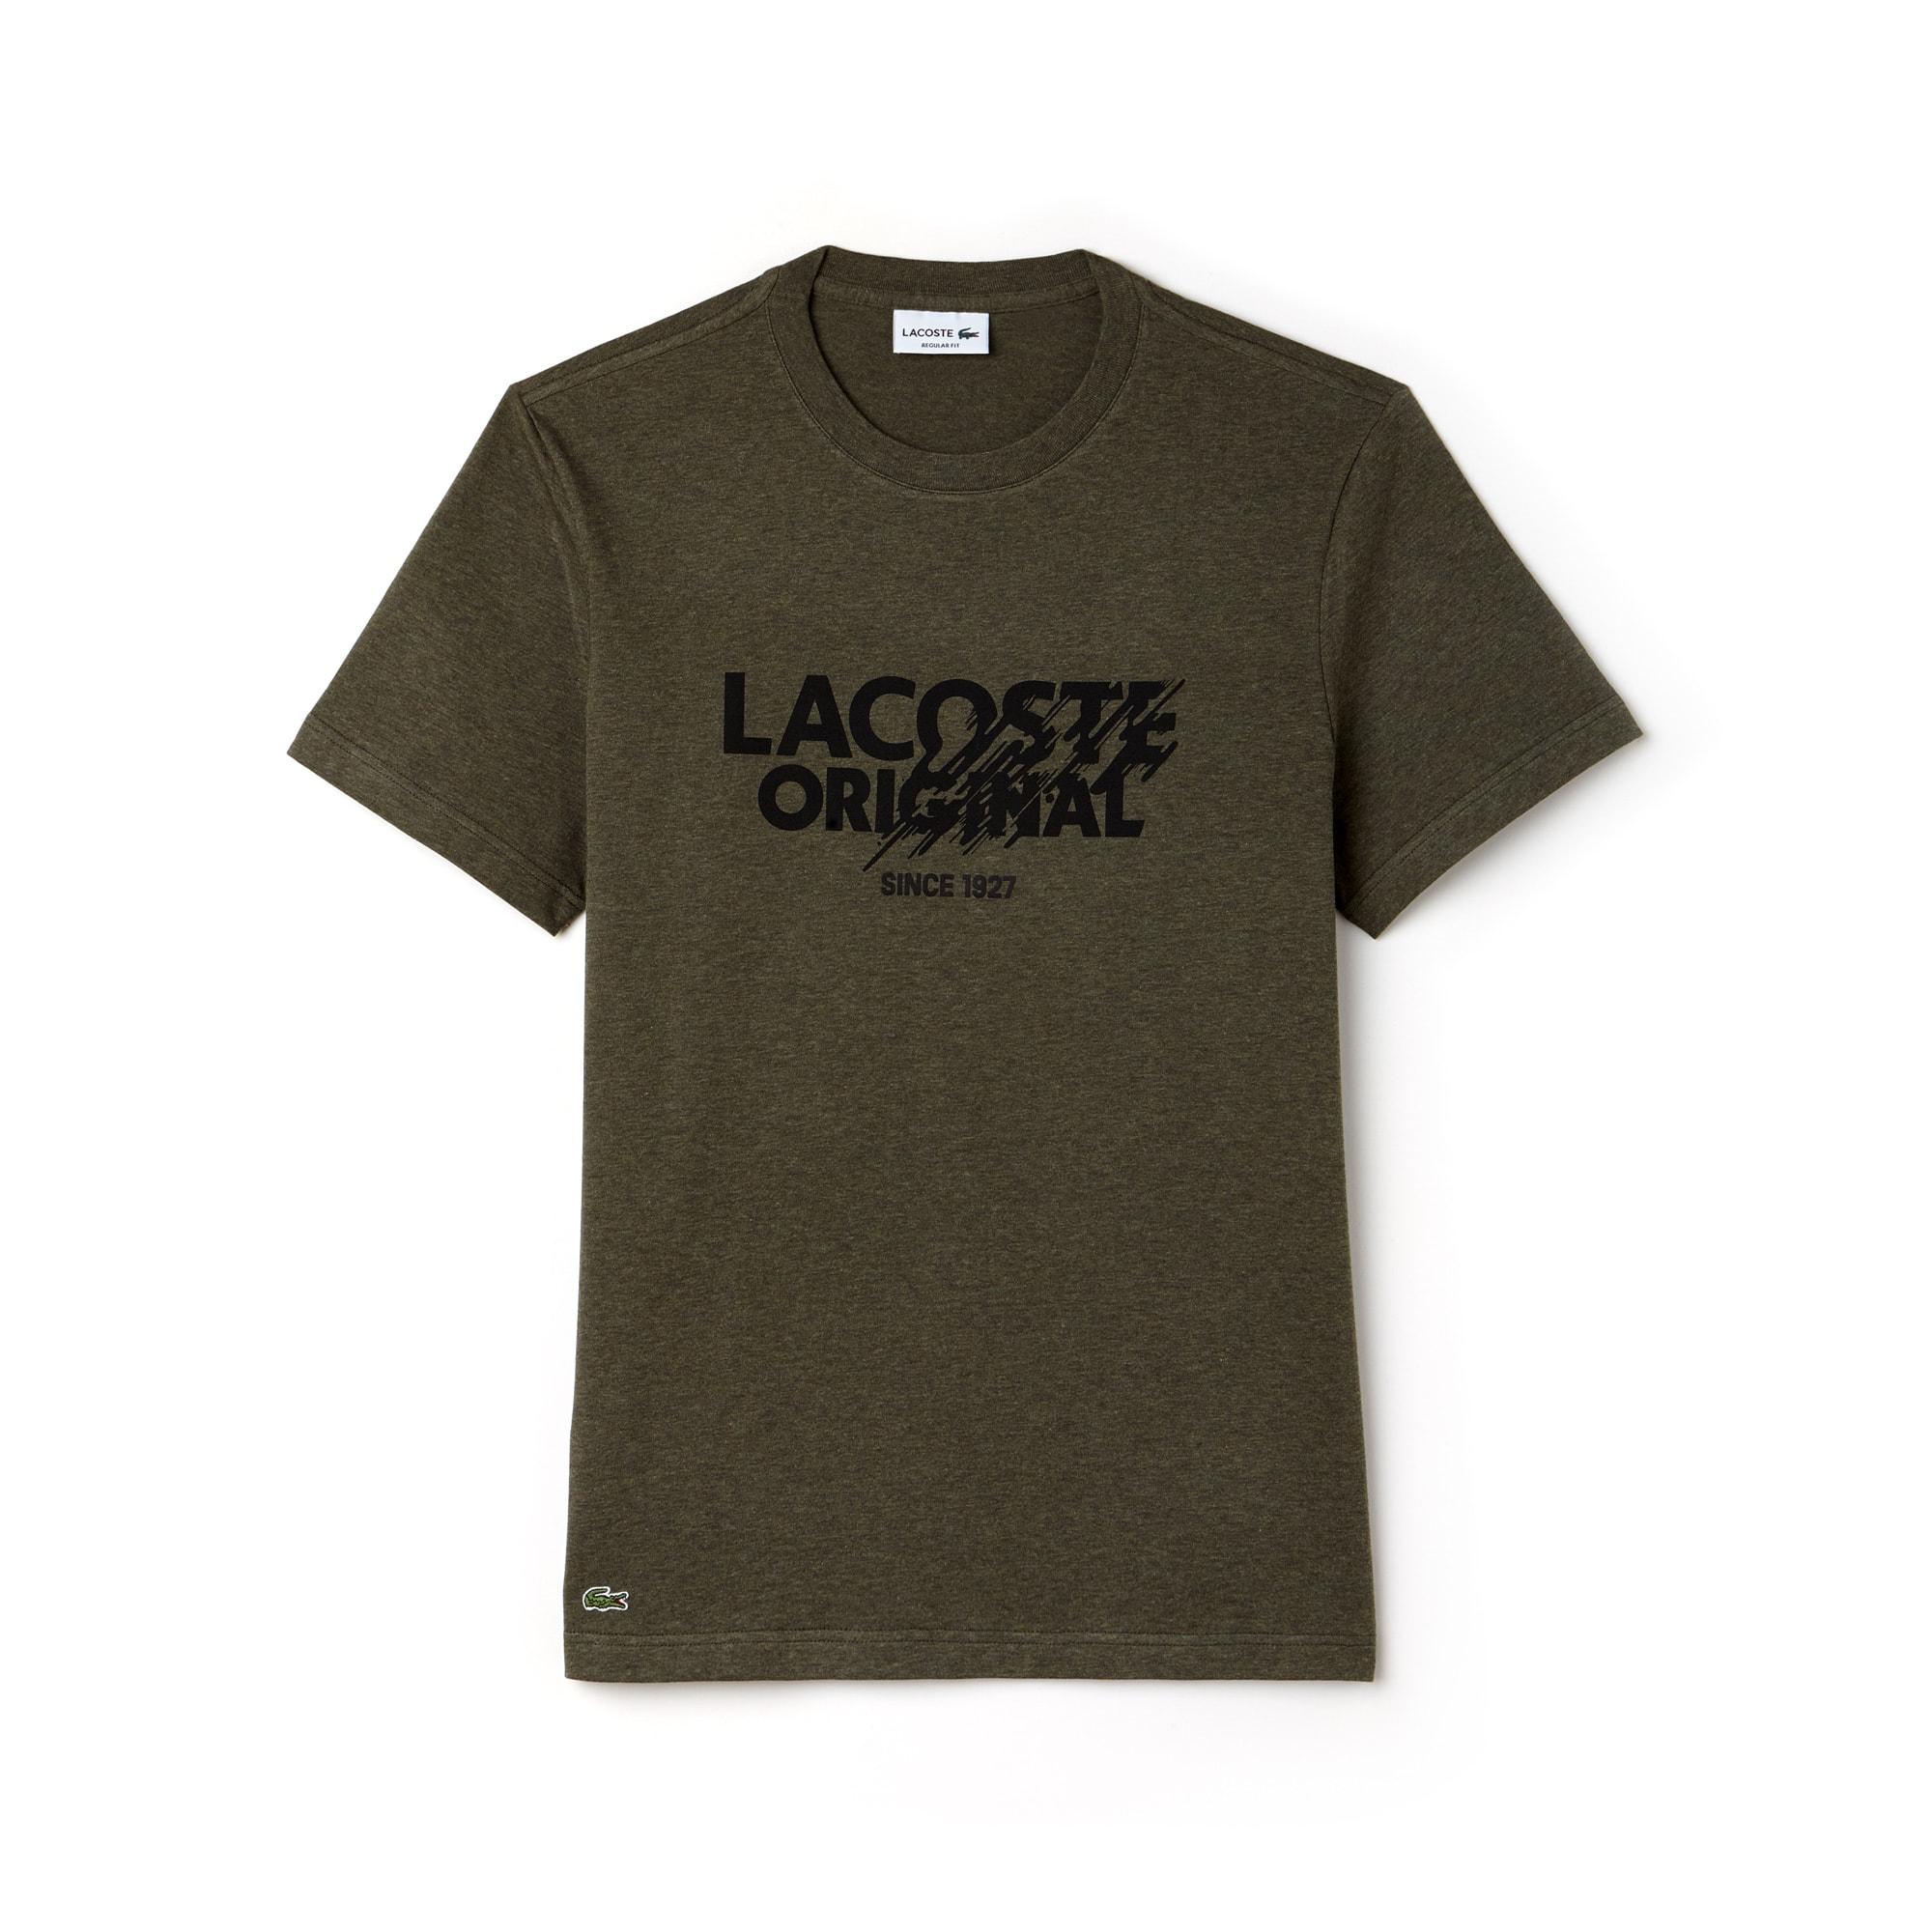 Herren-Rundhals-Shirt aus Jersey mit LACOSTE Original-Logo